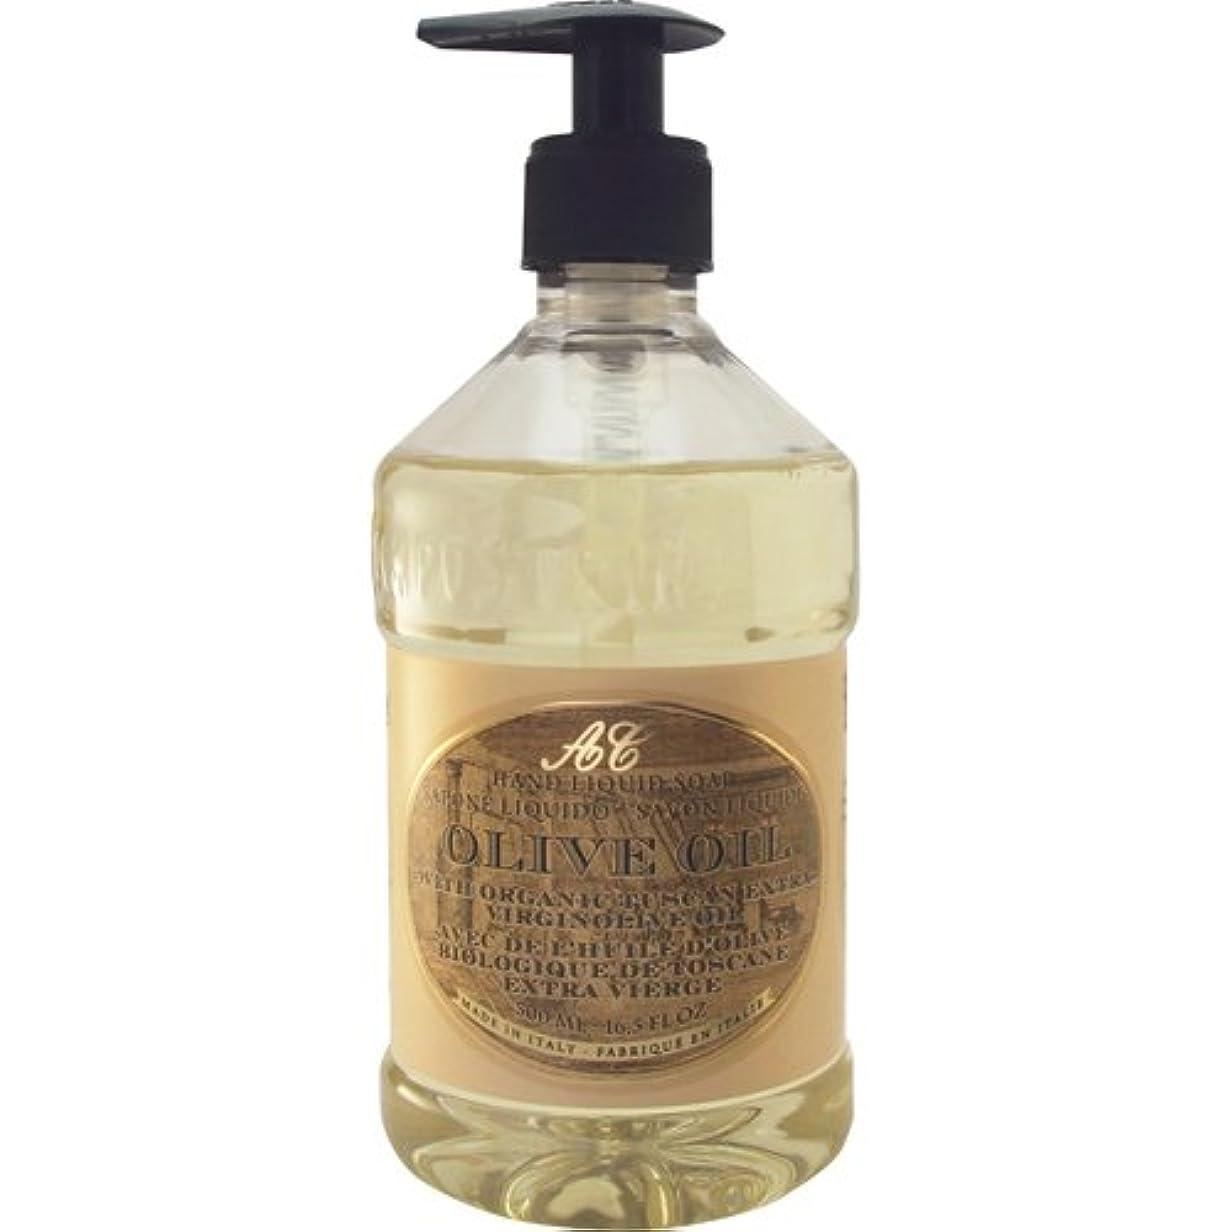 参加する支援上昇Saponerire Fissi レトロシリーズ Liquid Soap リキッドソープ 500ml Olive Oil オリーブオイル